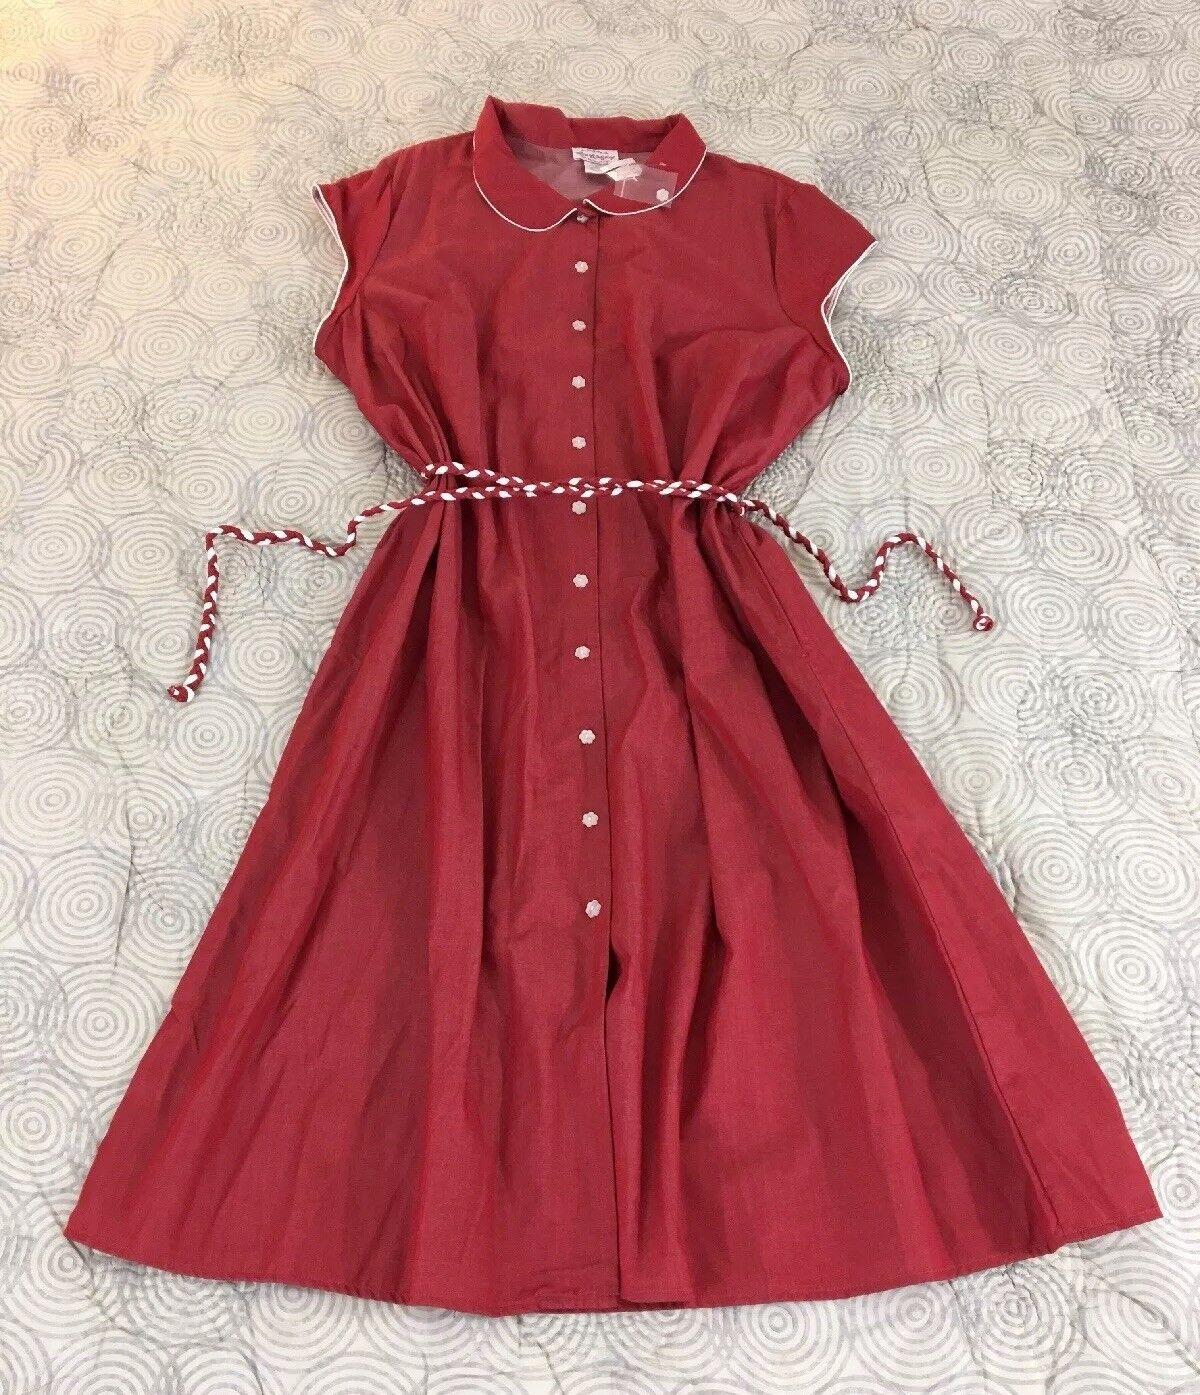 Nuevo Estilo Vintage  Rojo Lanz of Salzburg con cinturón vestido SZ 2X  Todo en alta calidad y bajo precio.